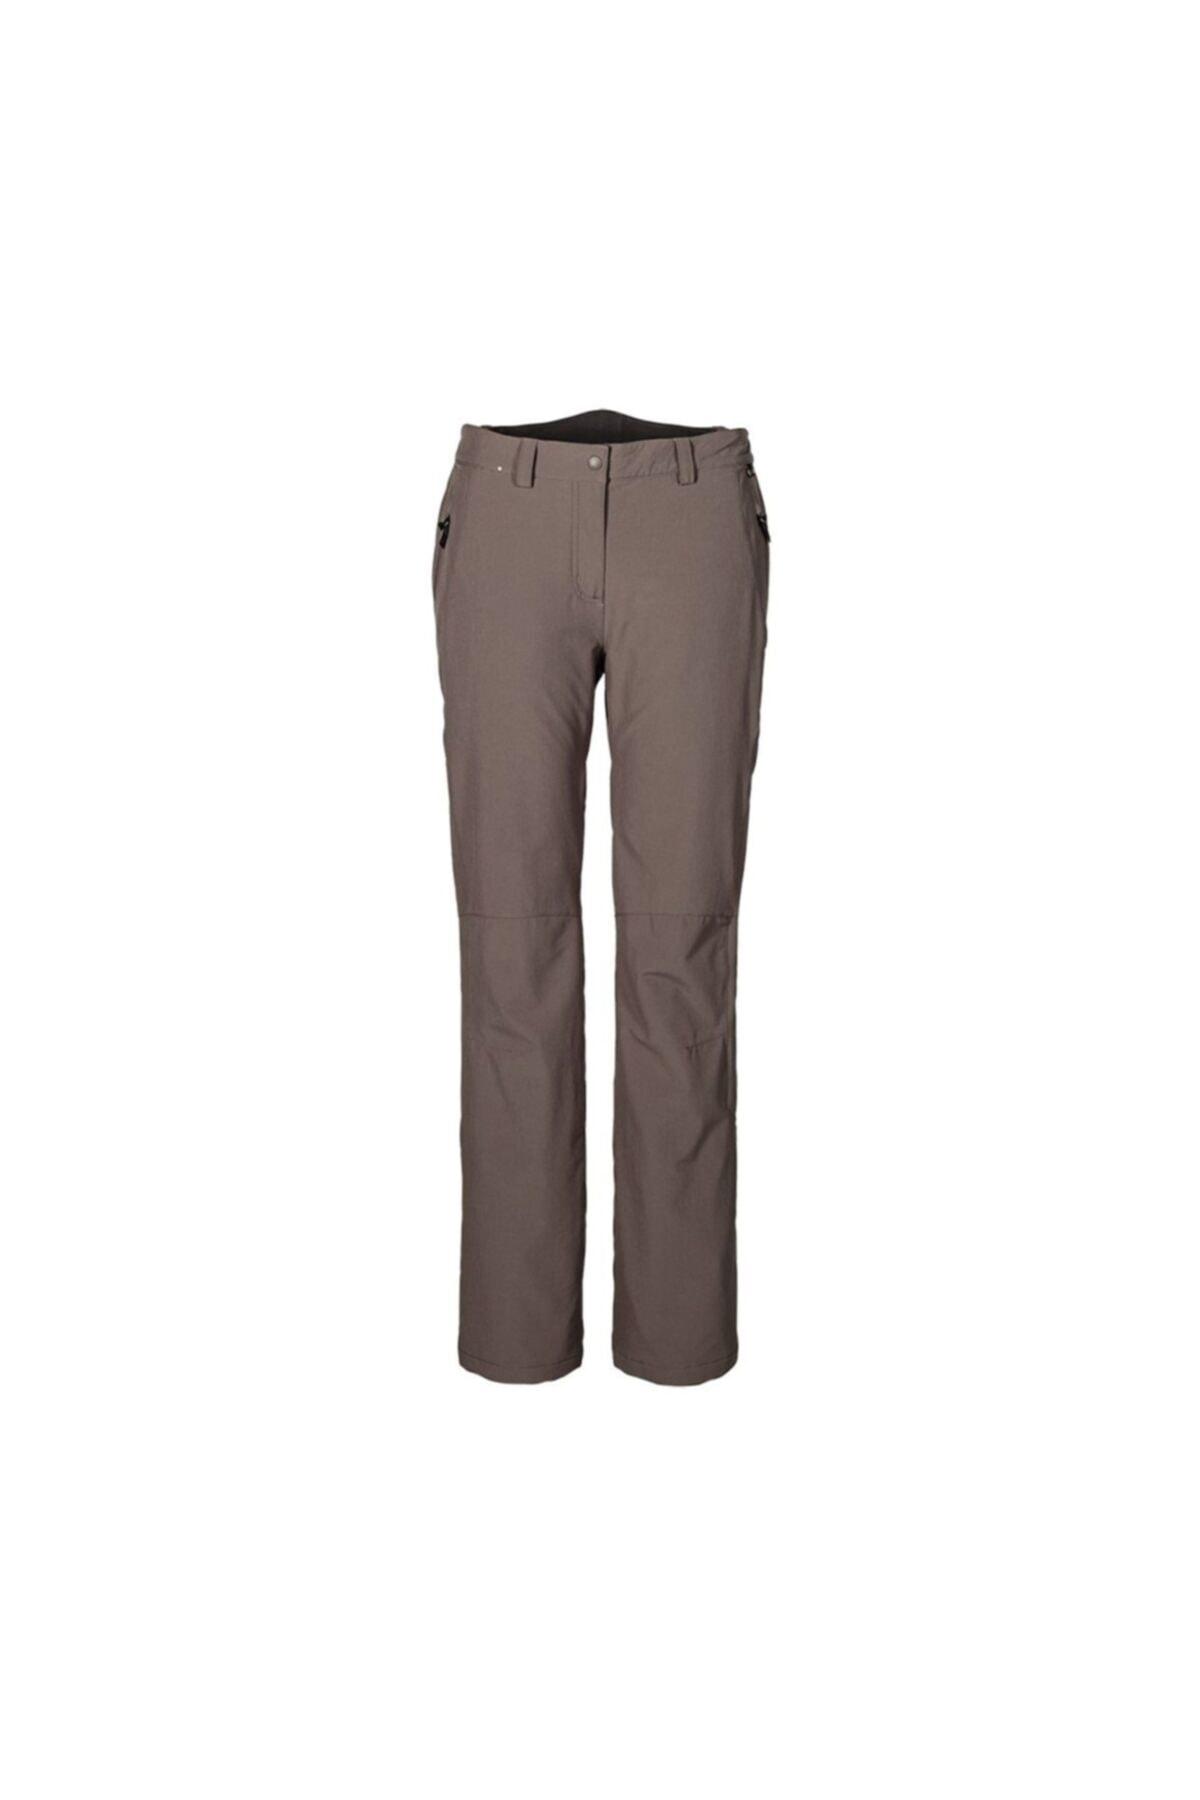 Jack Wolfskin Kadın Activate Winter Pantolon 1500072-5116 2